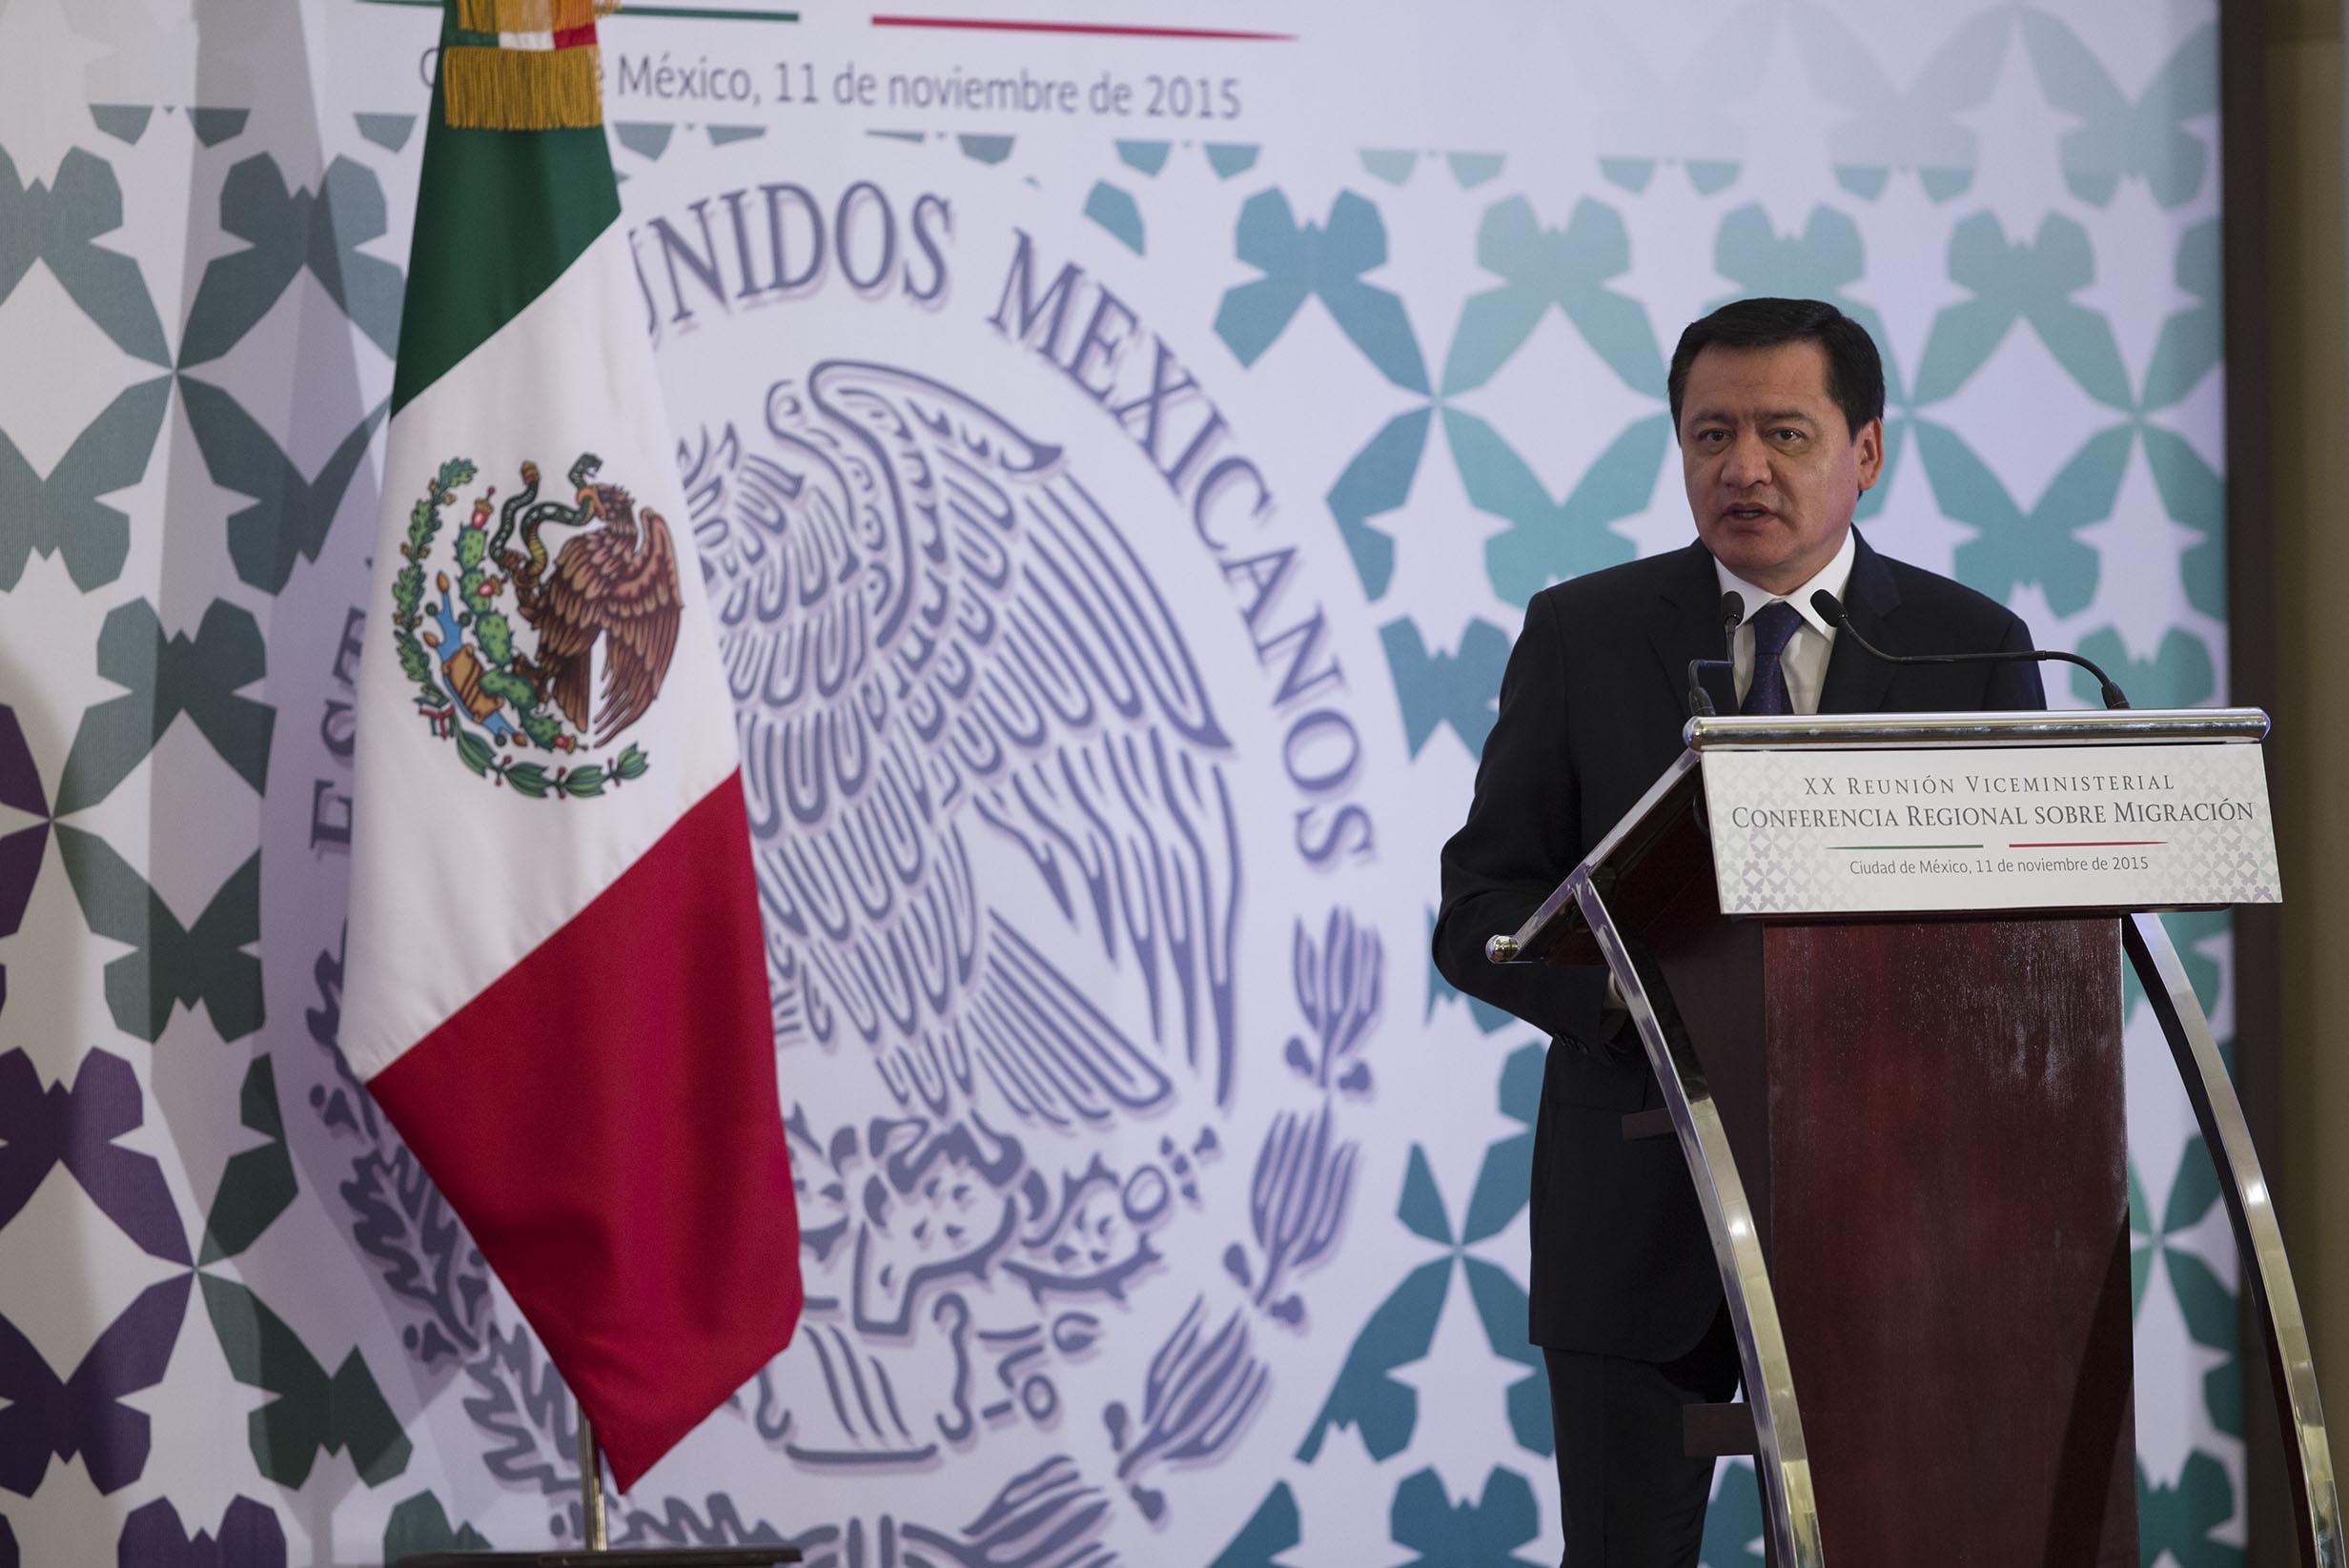 El Secretario de Gobernación inauguró la Vigésima Reunión Viceministerial de la Conferencia Regional sobre Migración